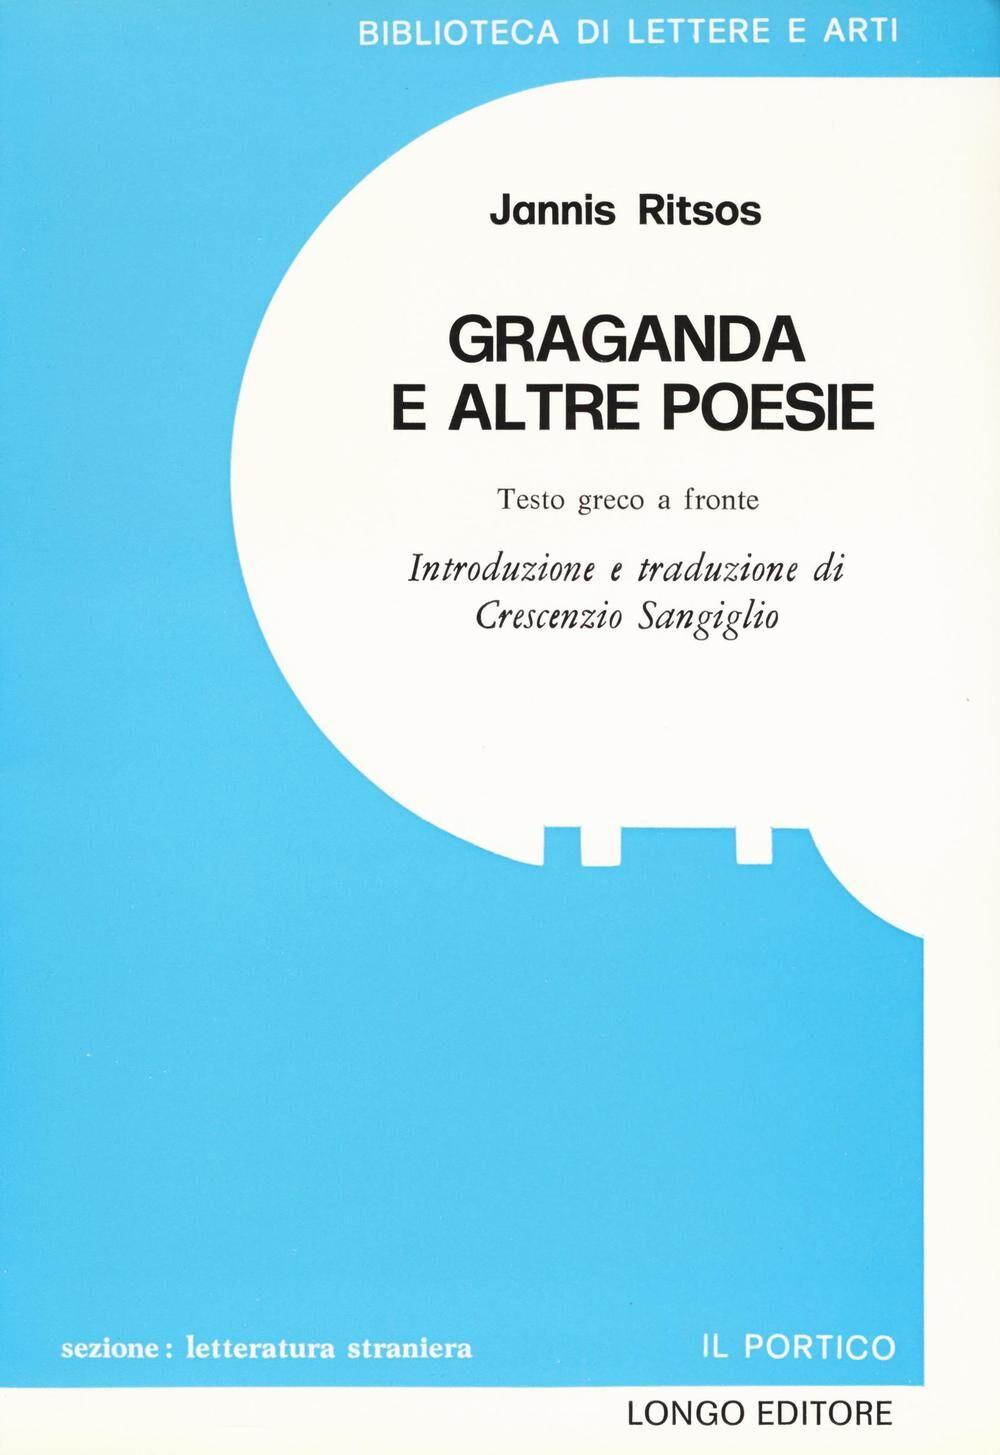 Graganda e altre poesie. Testo greco moderno a fronte